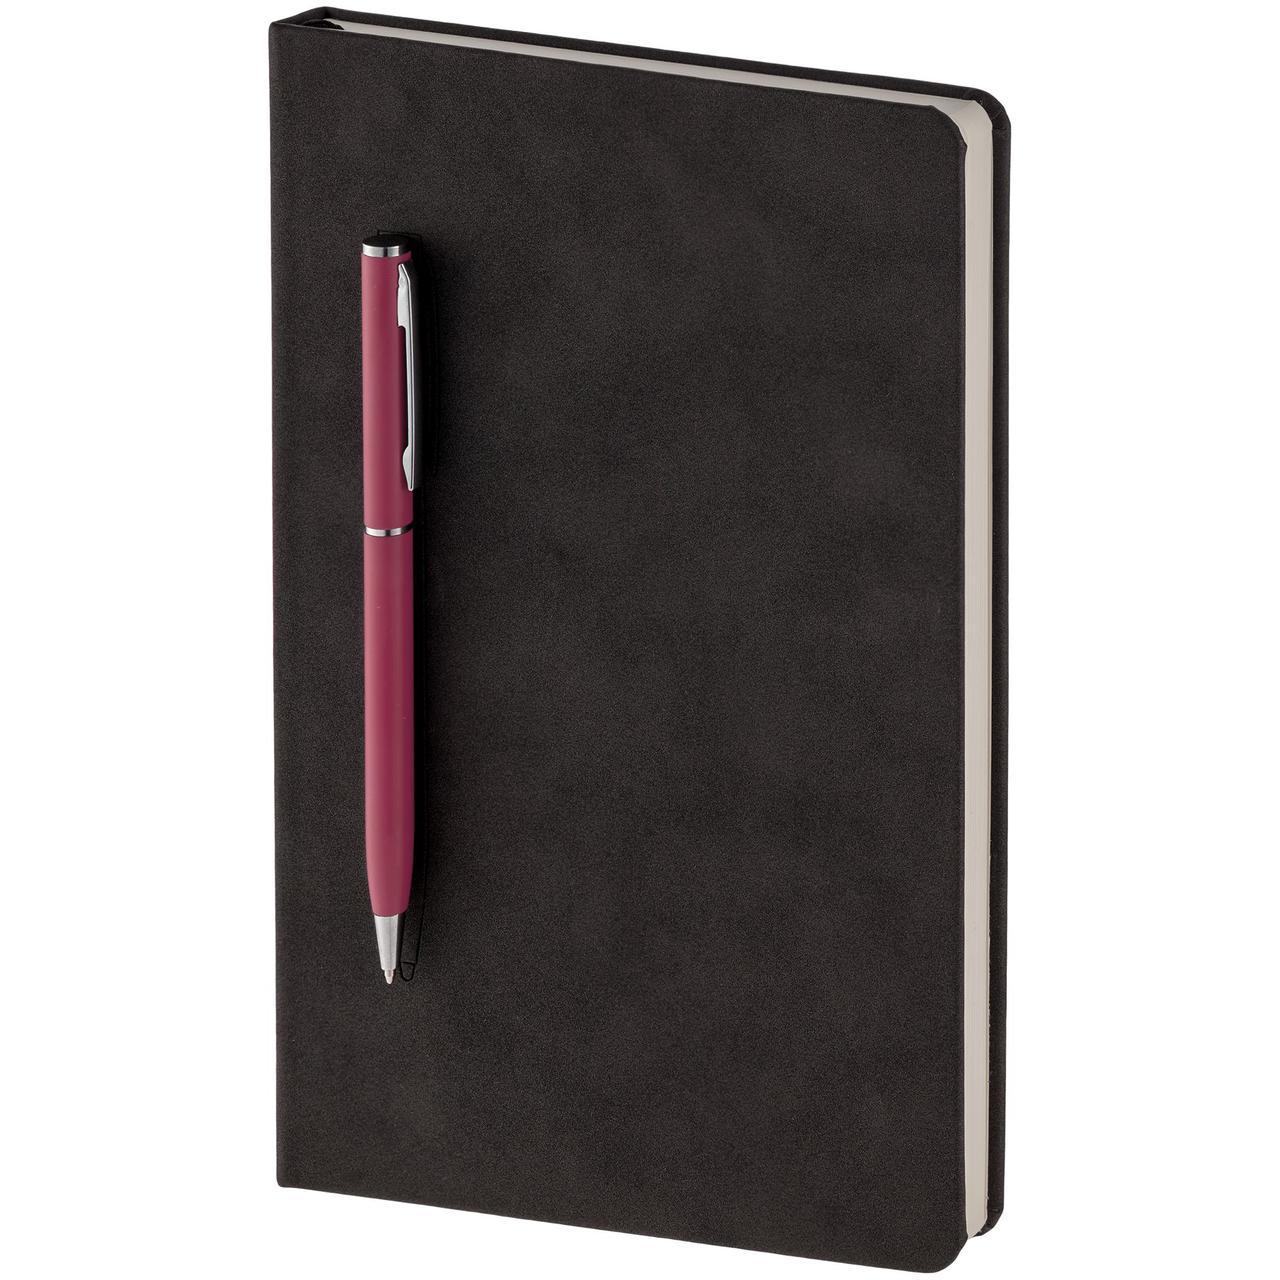 Блокнот Magnet Chrome с ручкой, черно-розовый (артикул 15016.15)